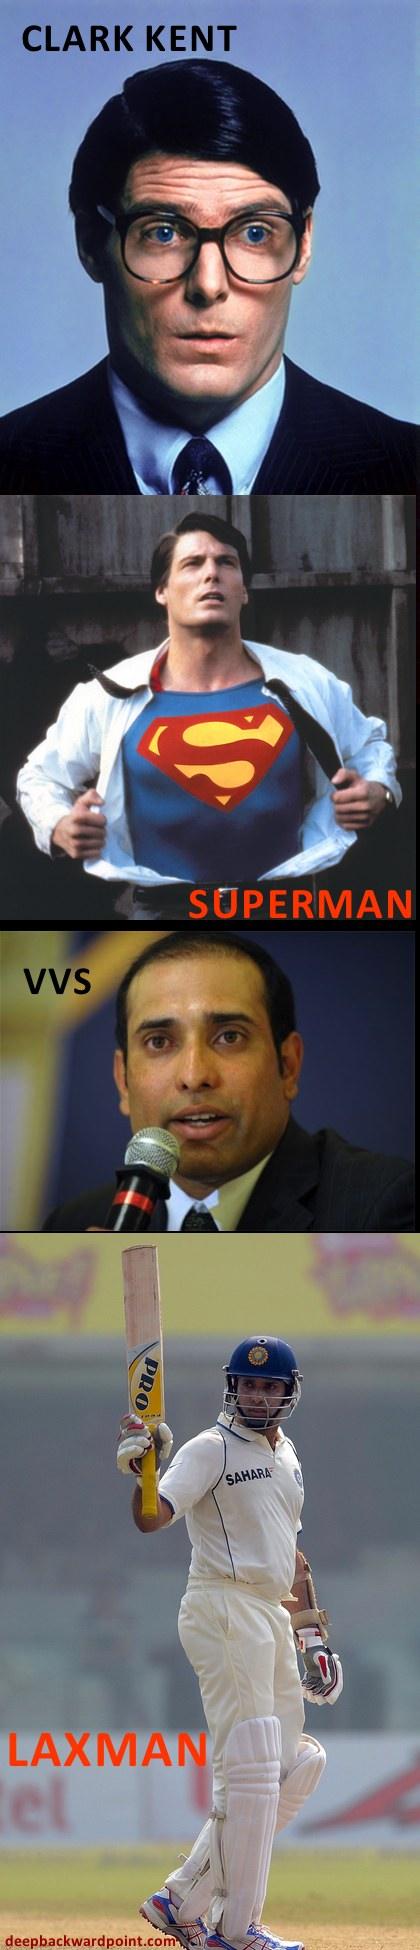 Clark Kent: Superman :: VVS: Laxman